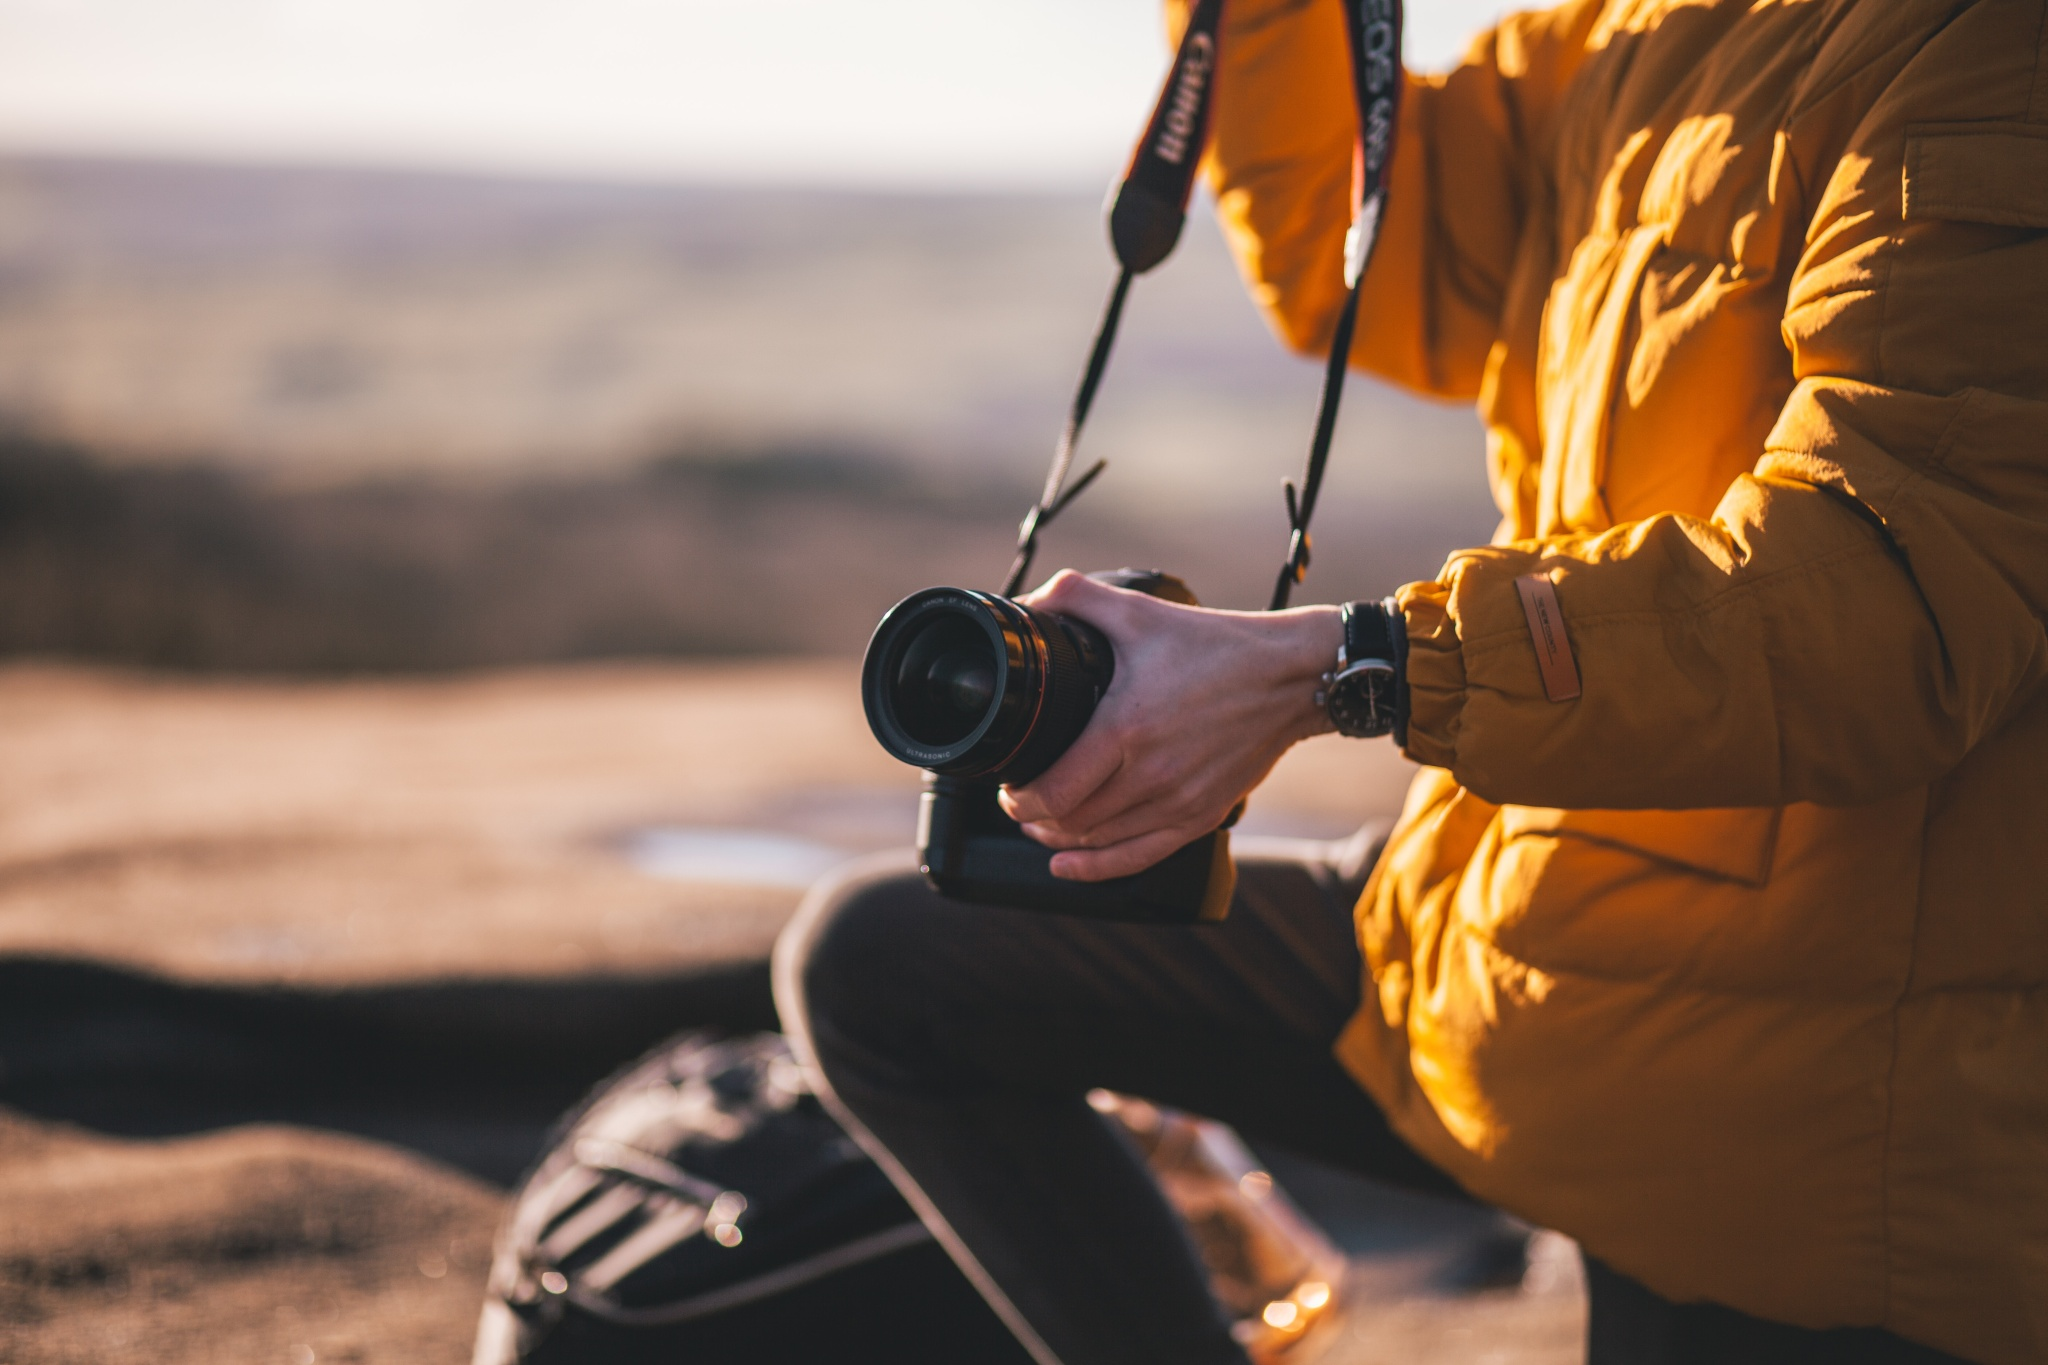 Vermarktung eines Fotografen, Teil 3: Wie arbeitet man mit sozialen Netzwerken